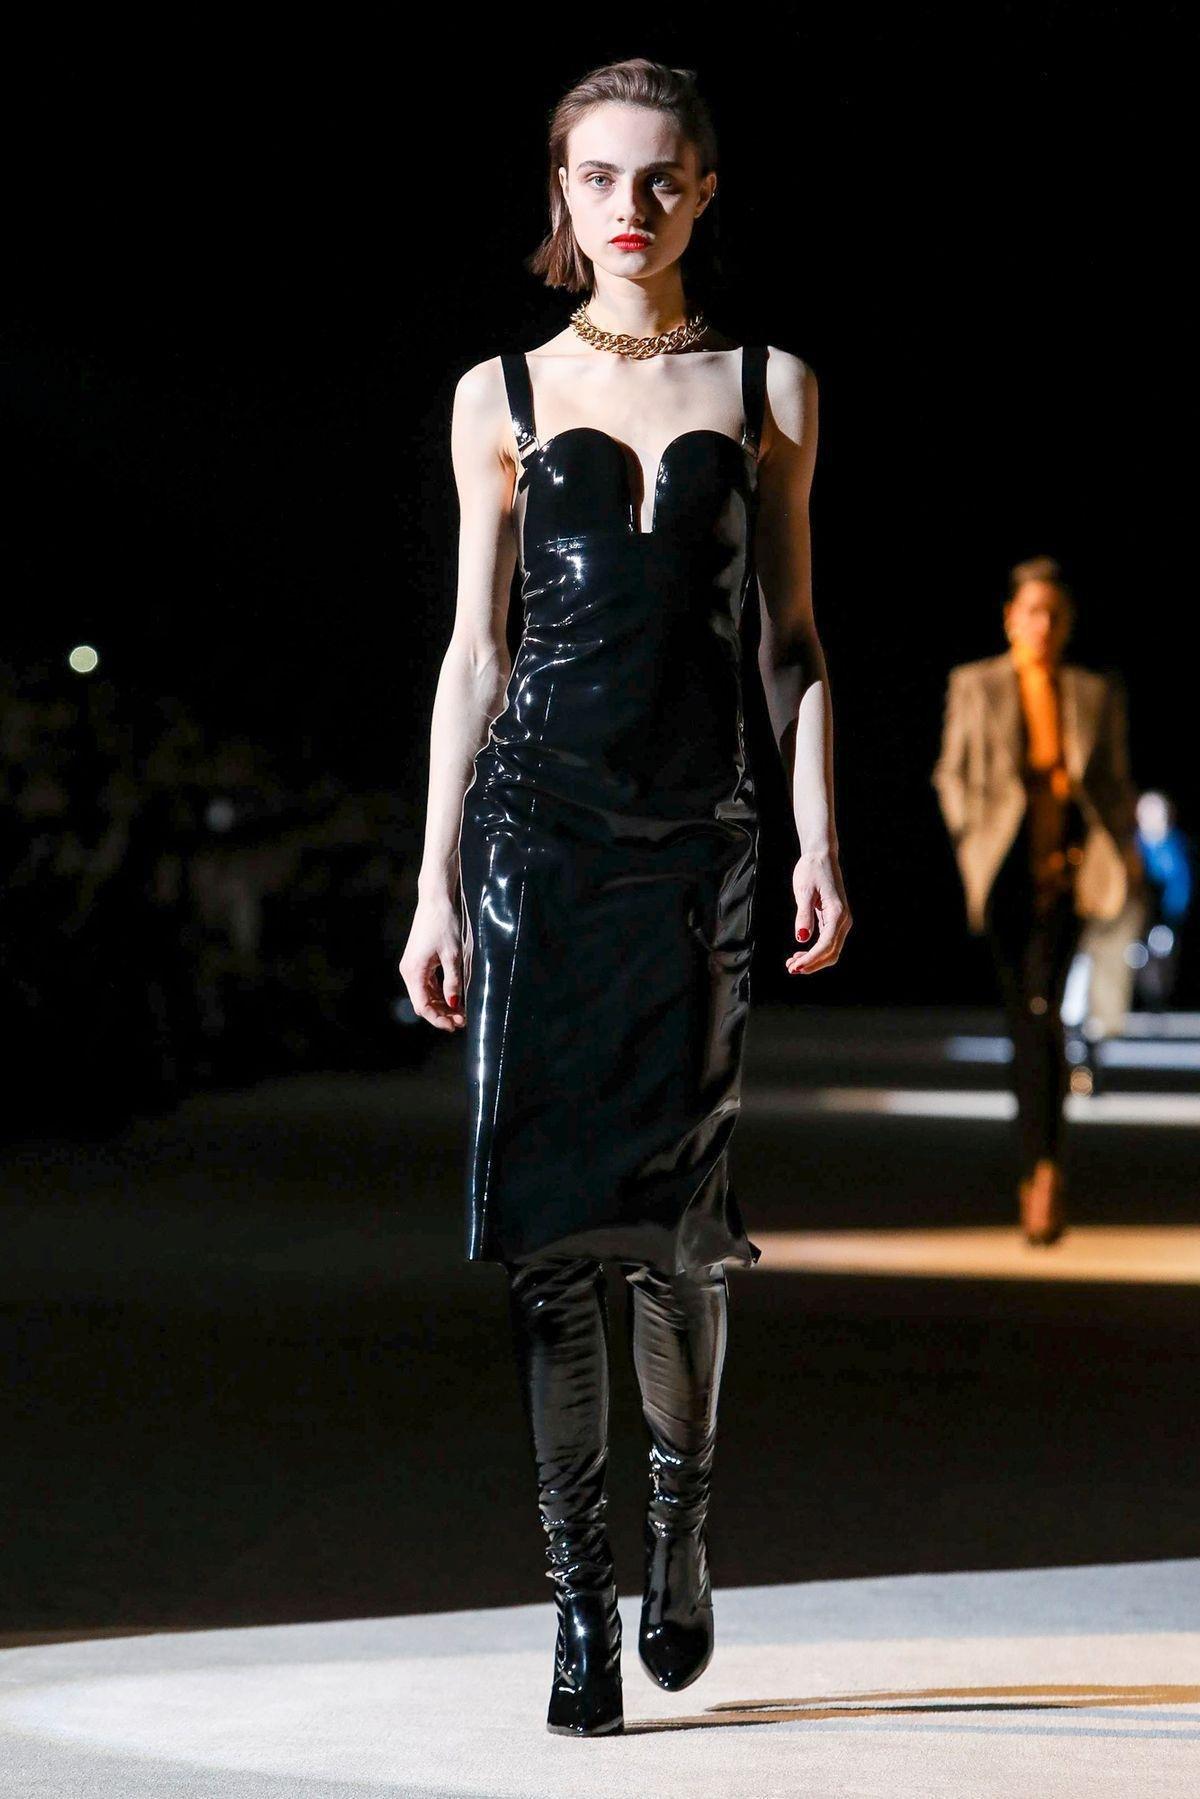 10 chiếc váy mang tính cảm hứng trên sàn diễn Thu Đông - 3